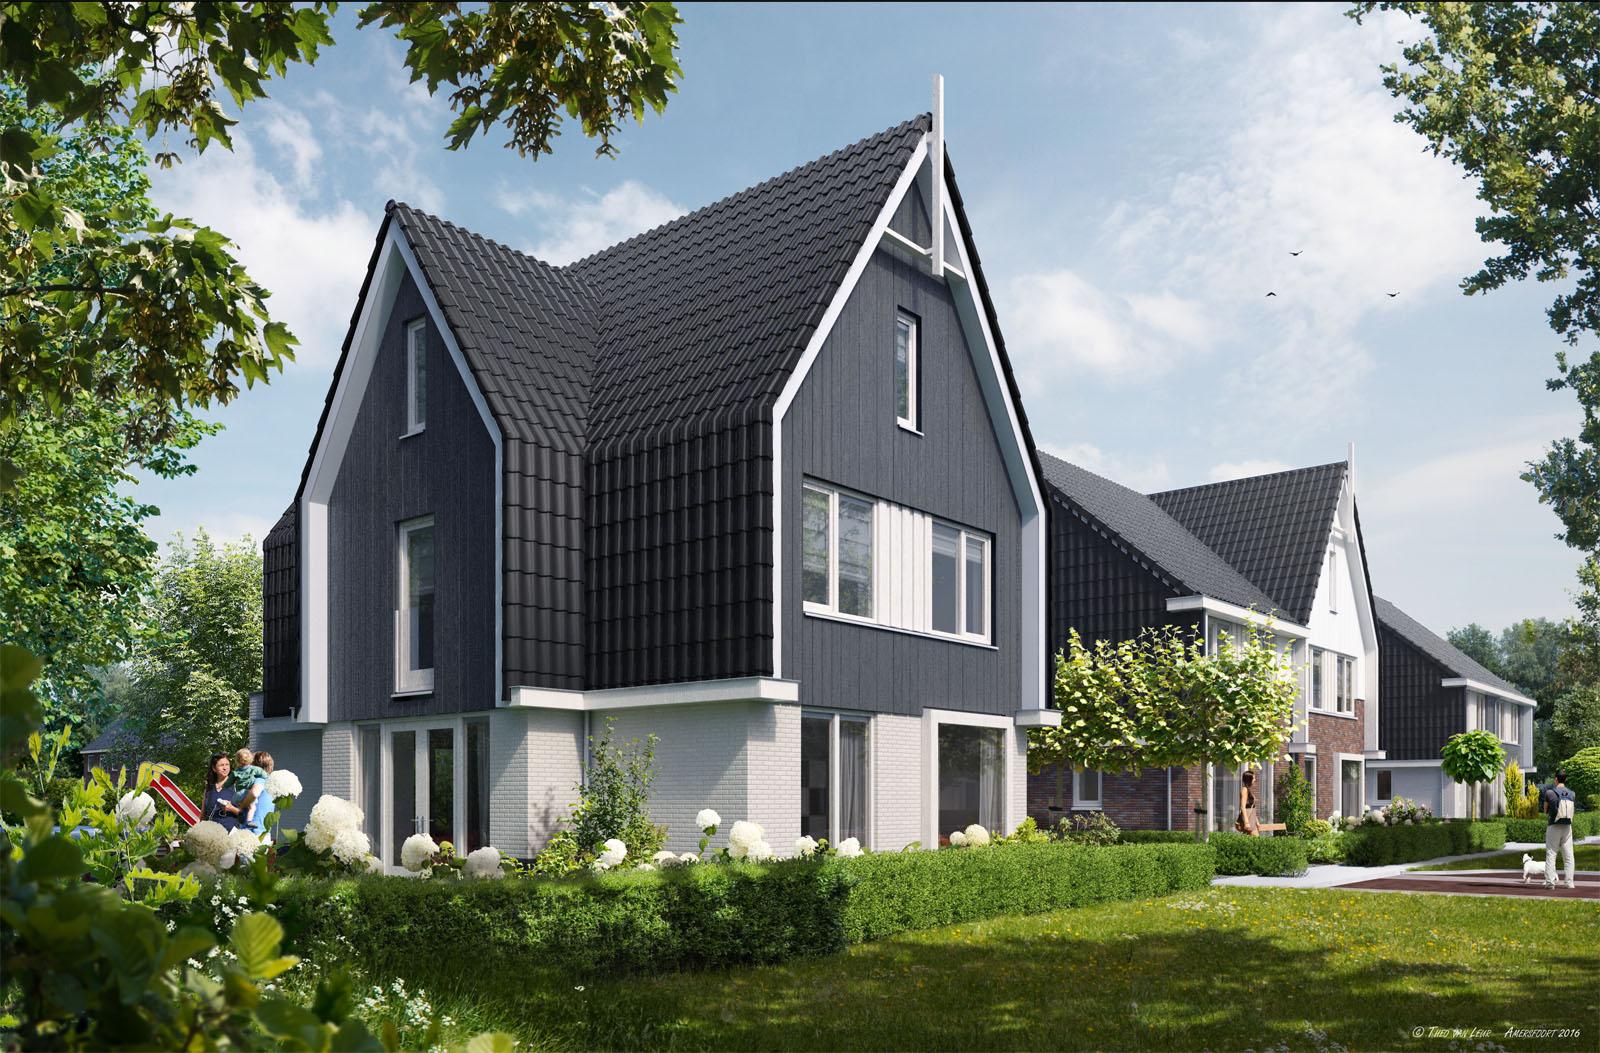 13 woningen 't Hof van Campe Ewijk